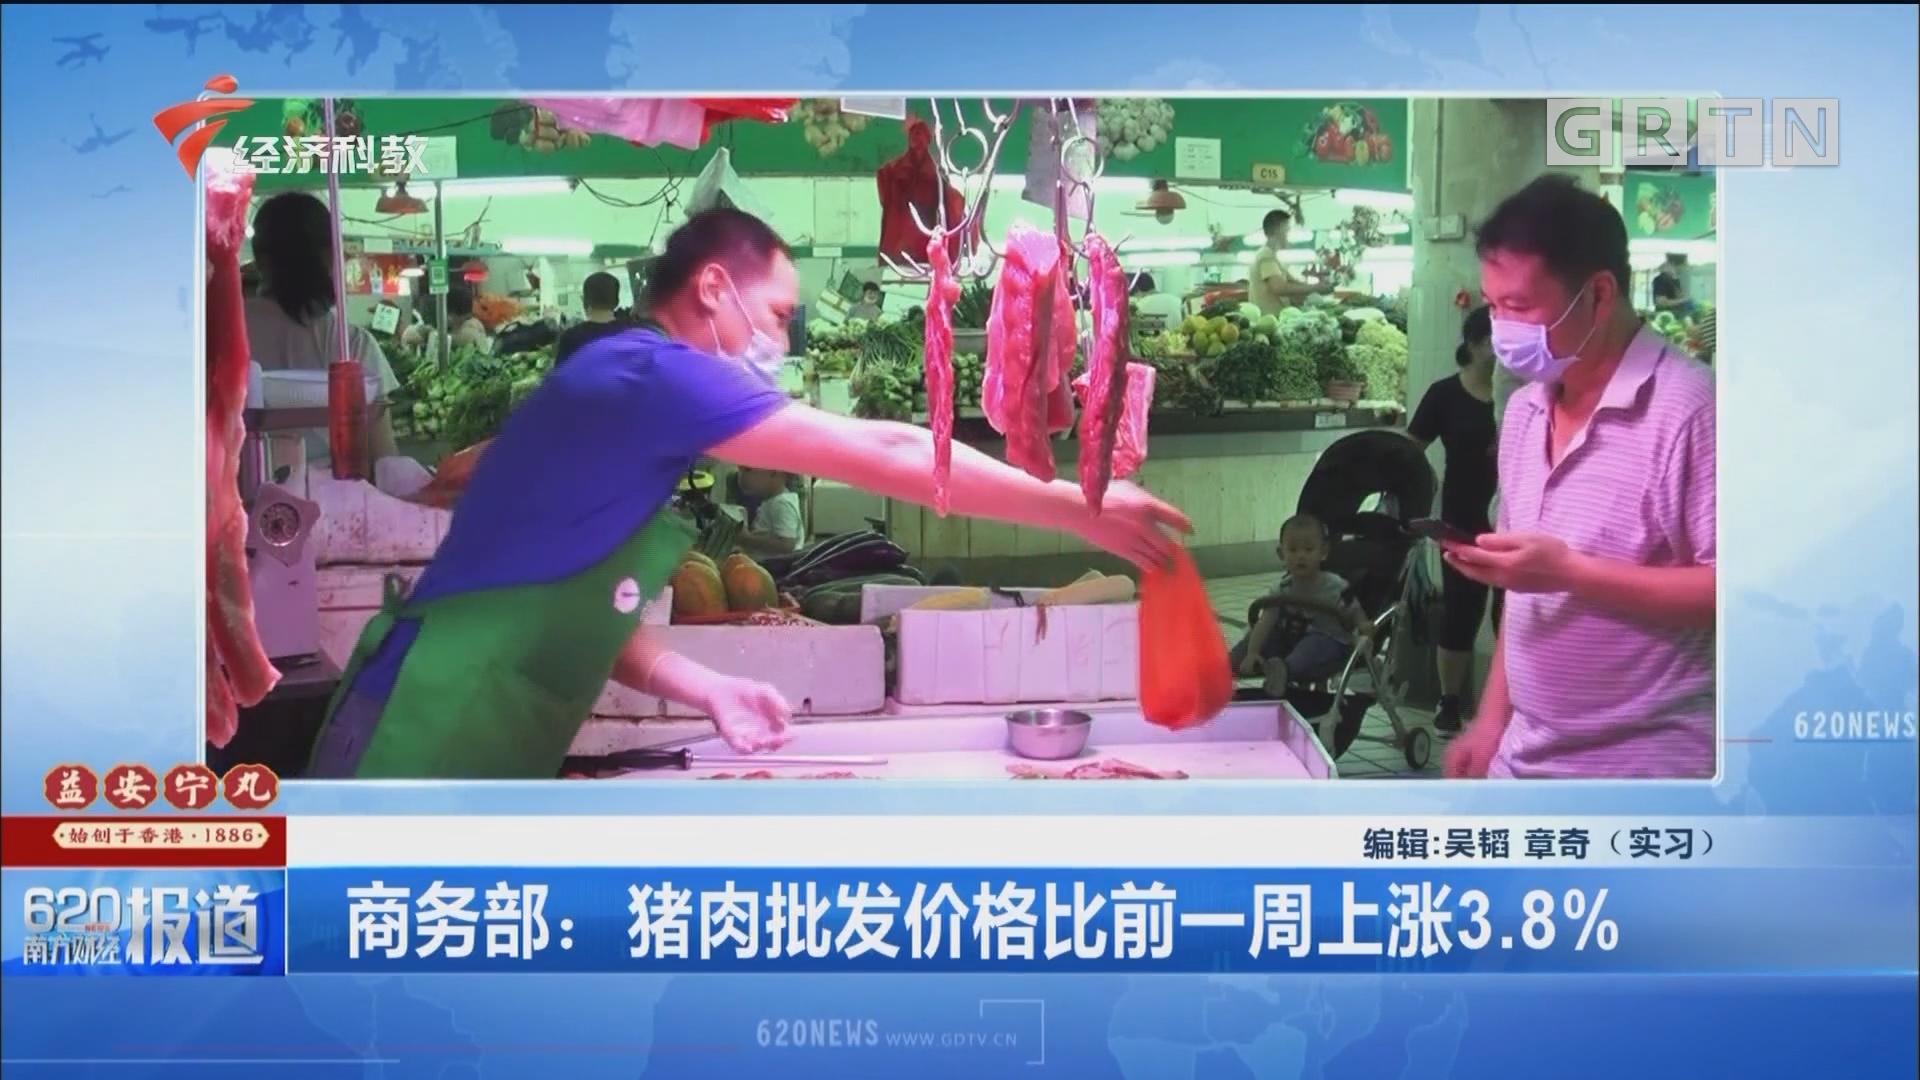 商务部:猪肉批发价格比前一周上涨3.8%